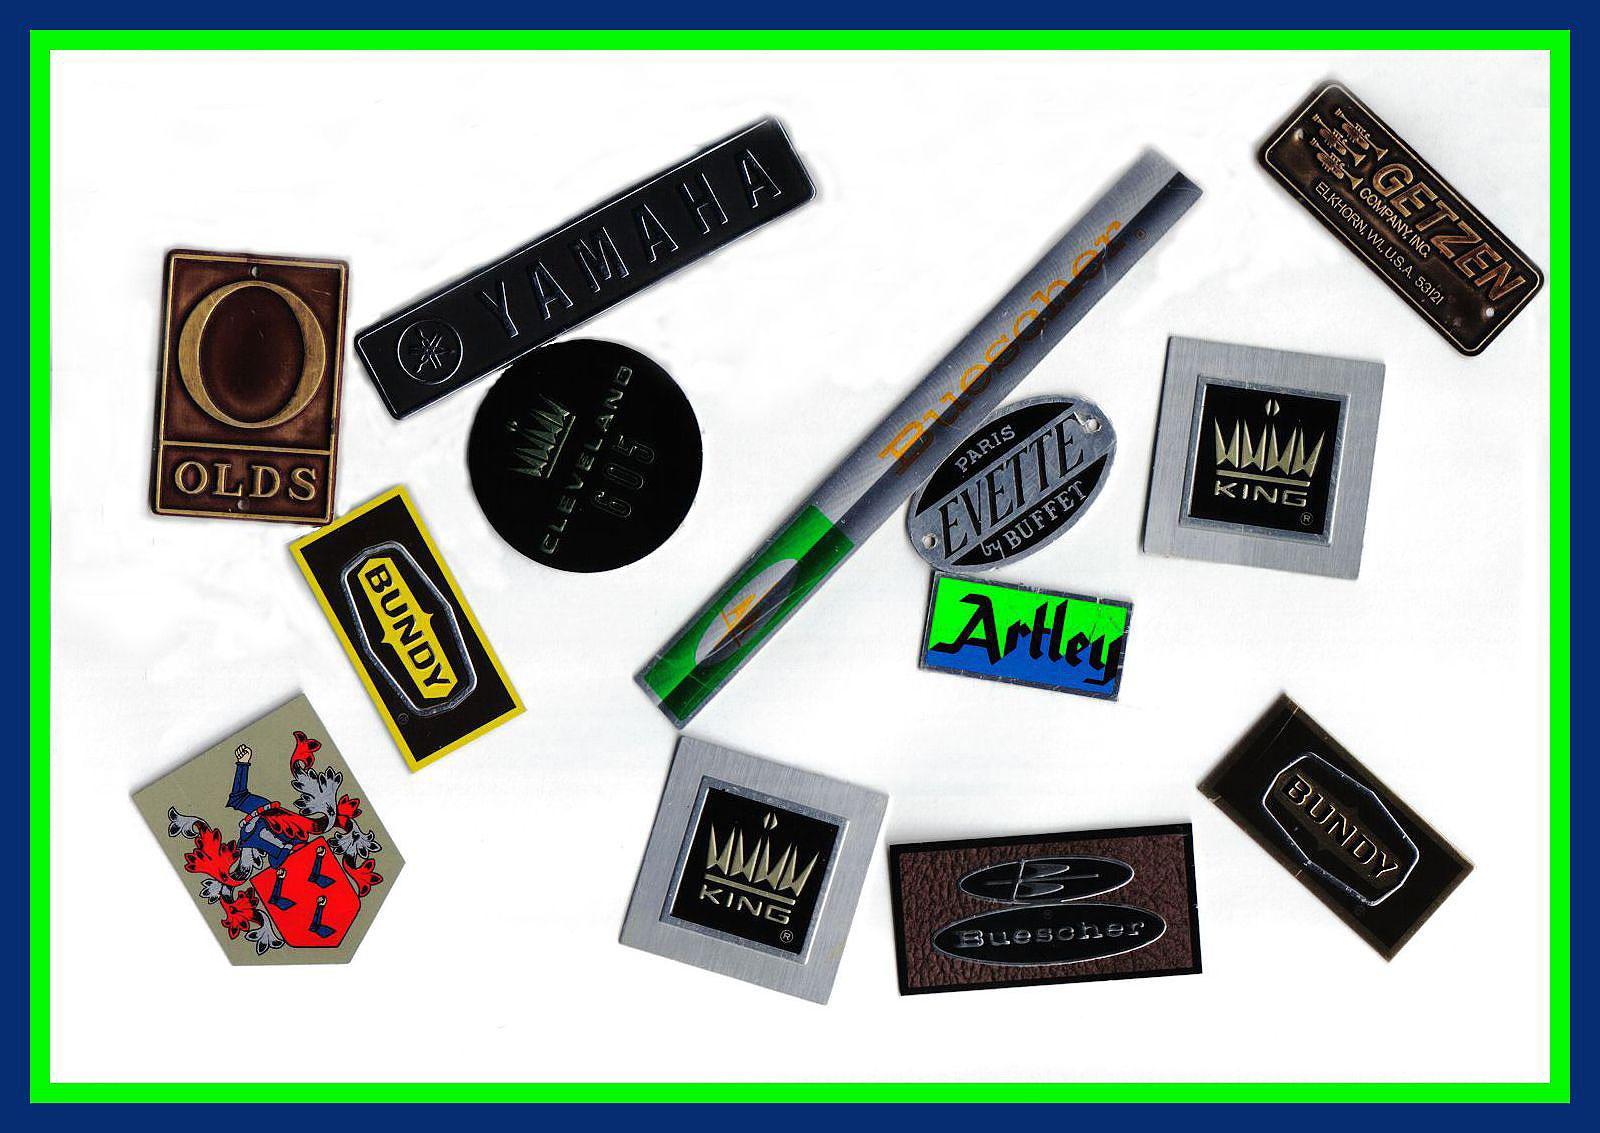 case badges, musical instrument case badges, Olds, Yamaha, Buescher, Artley, King, Evette by Buffet, Bundy, Getzen,